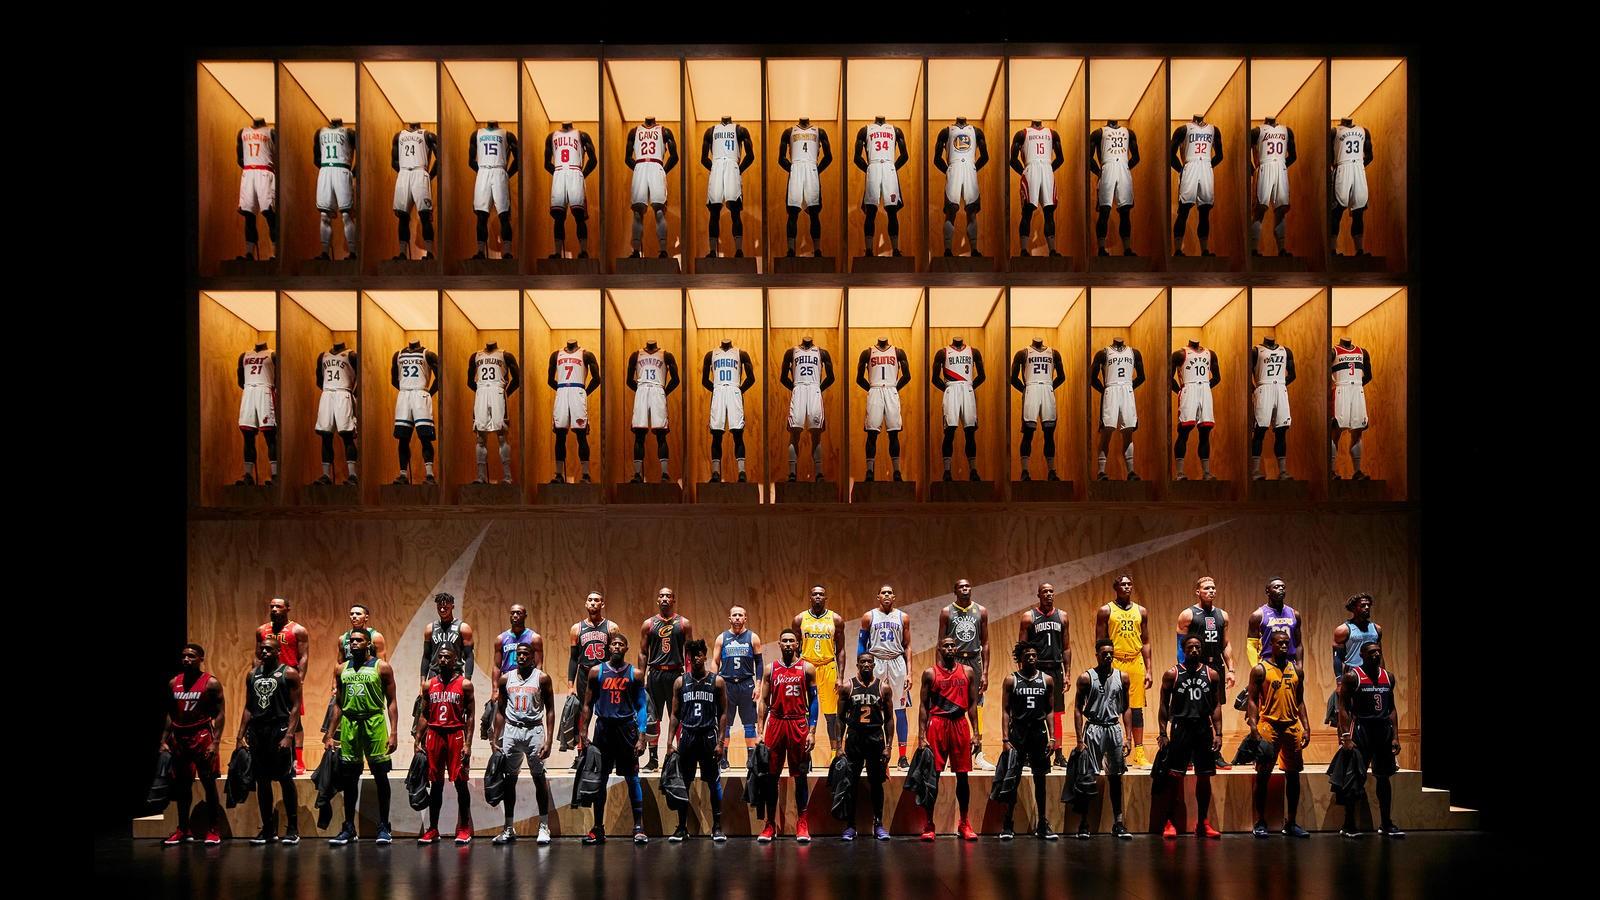 Os uniformes da NBA feitos pela Nike (Foto: Divulgação/Nike)